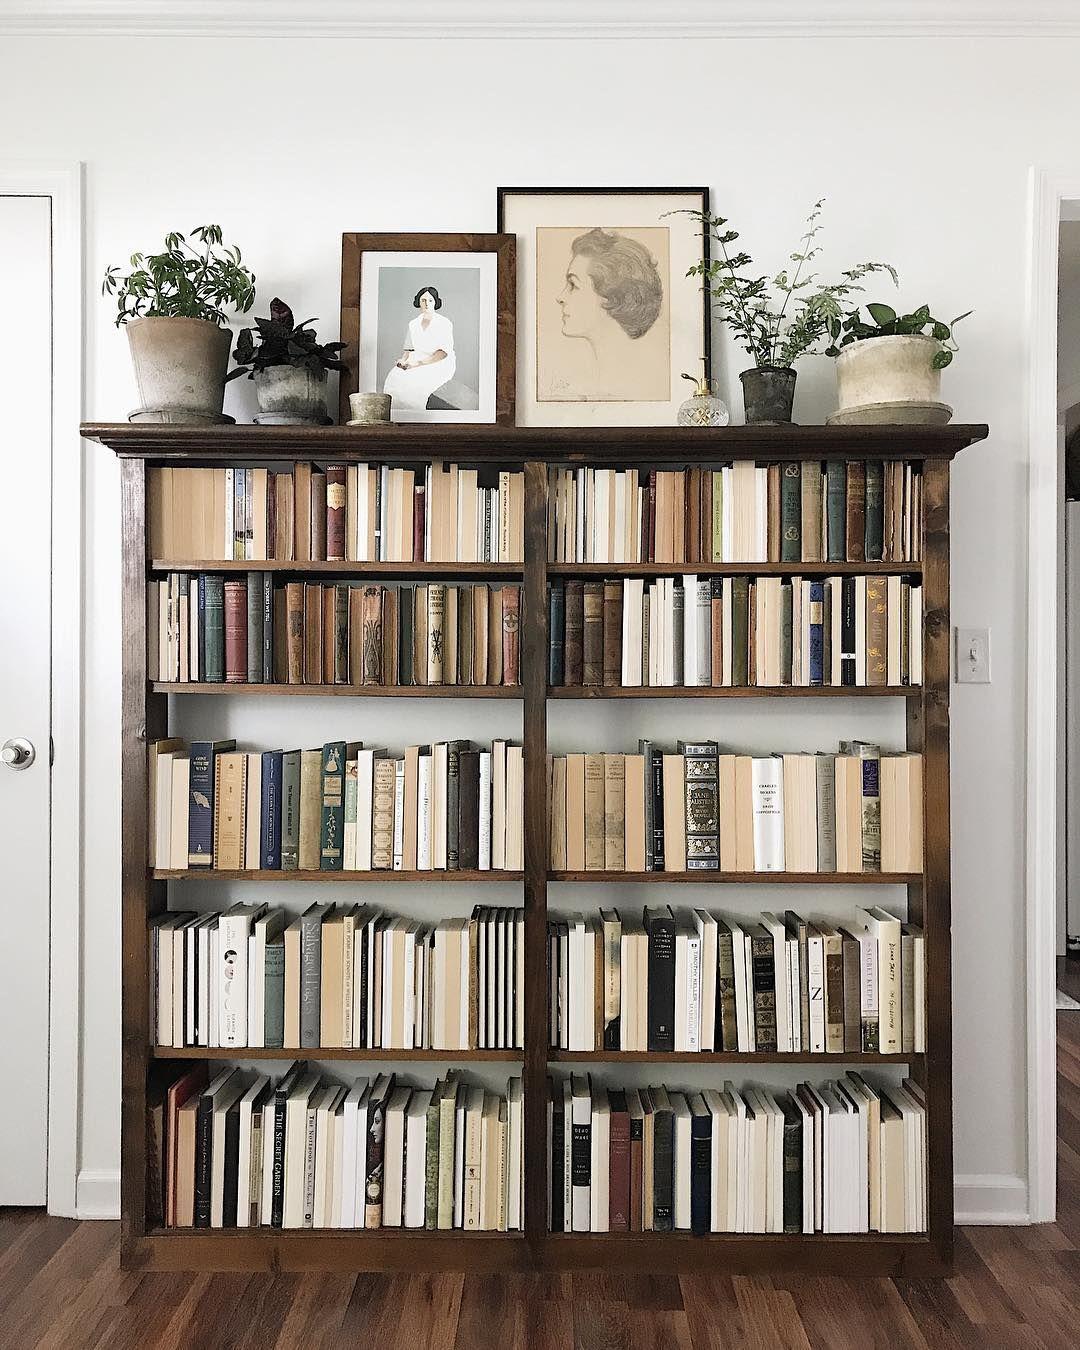 Backwardsbooks Der Neue Trend Bucher Zu Sortieren Sweety Home